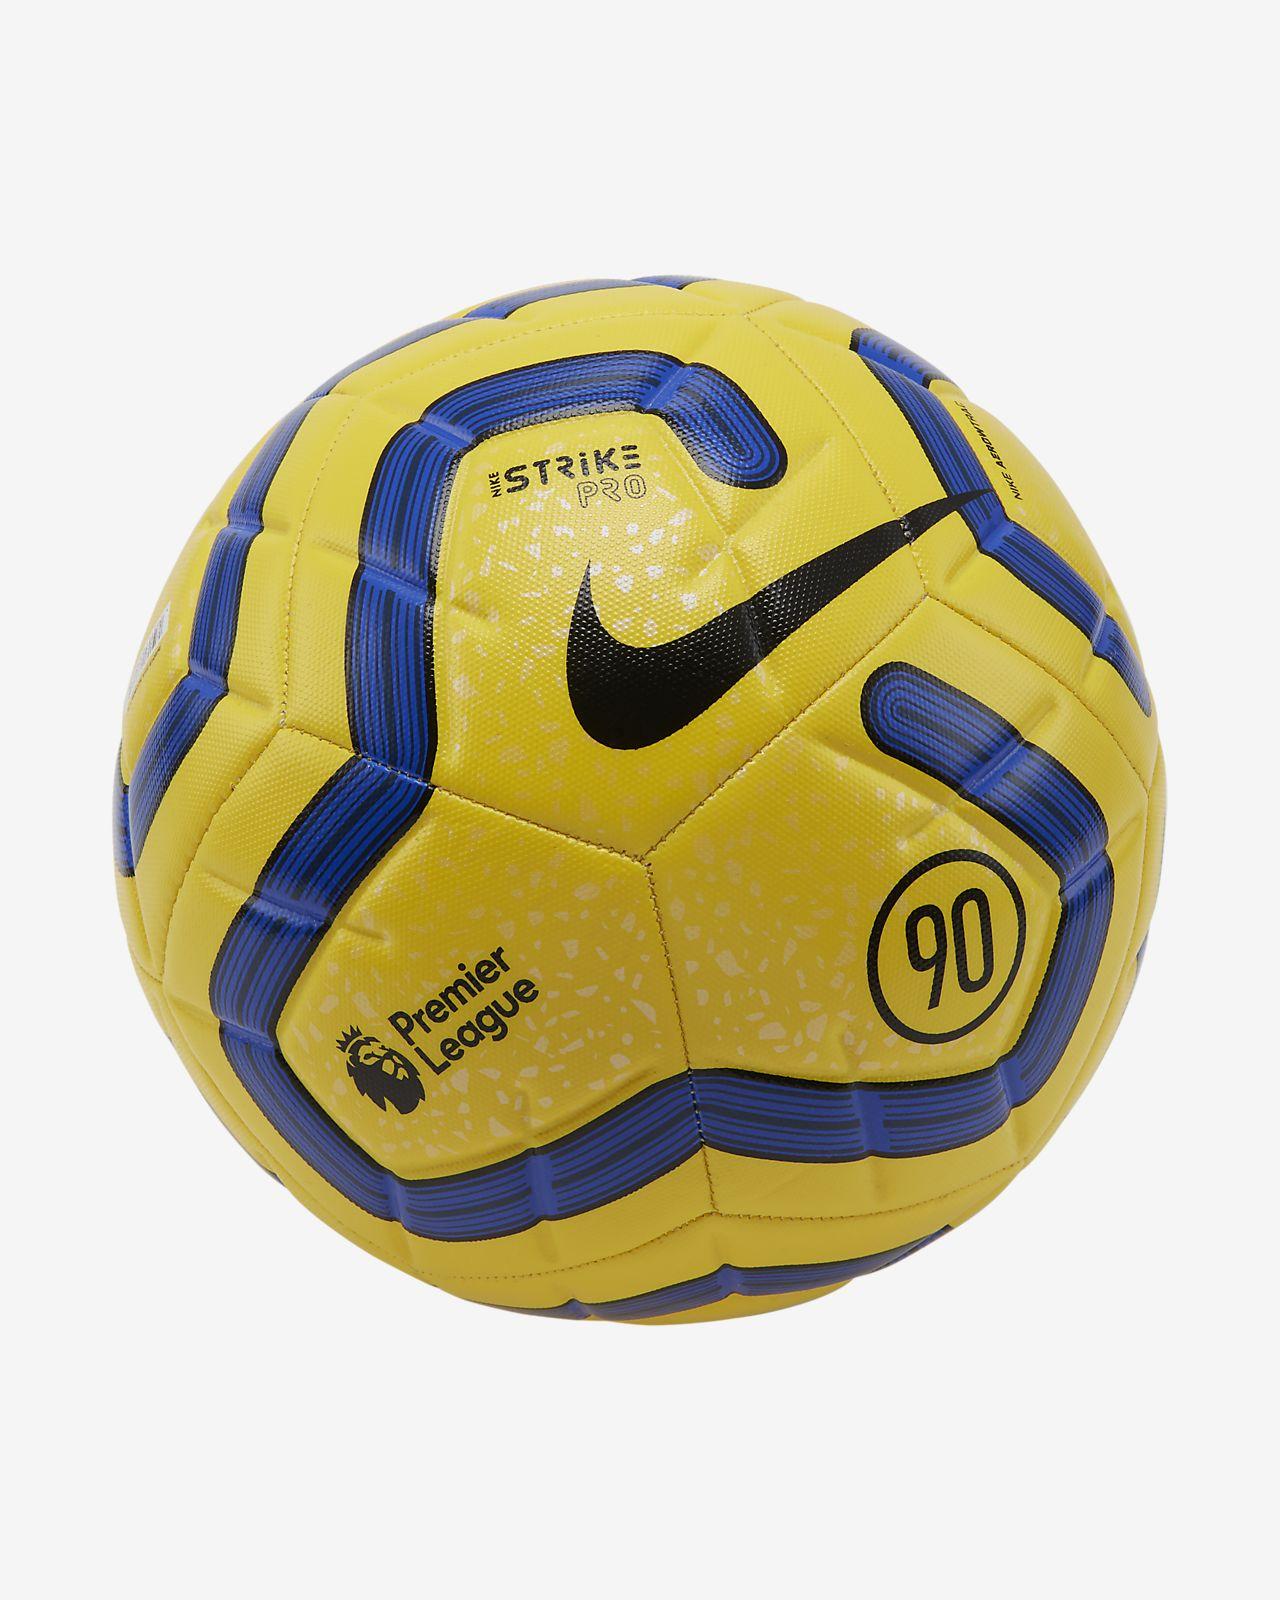 Μπάλα ποδοσφαίρου Premier League Strike Pro